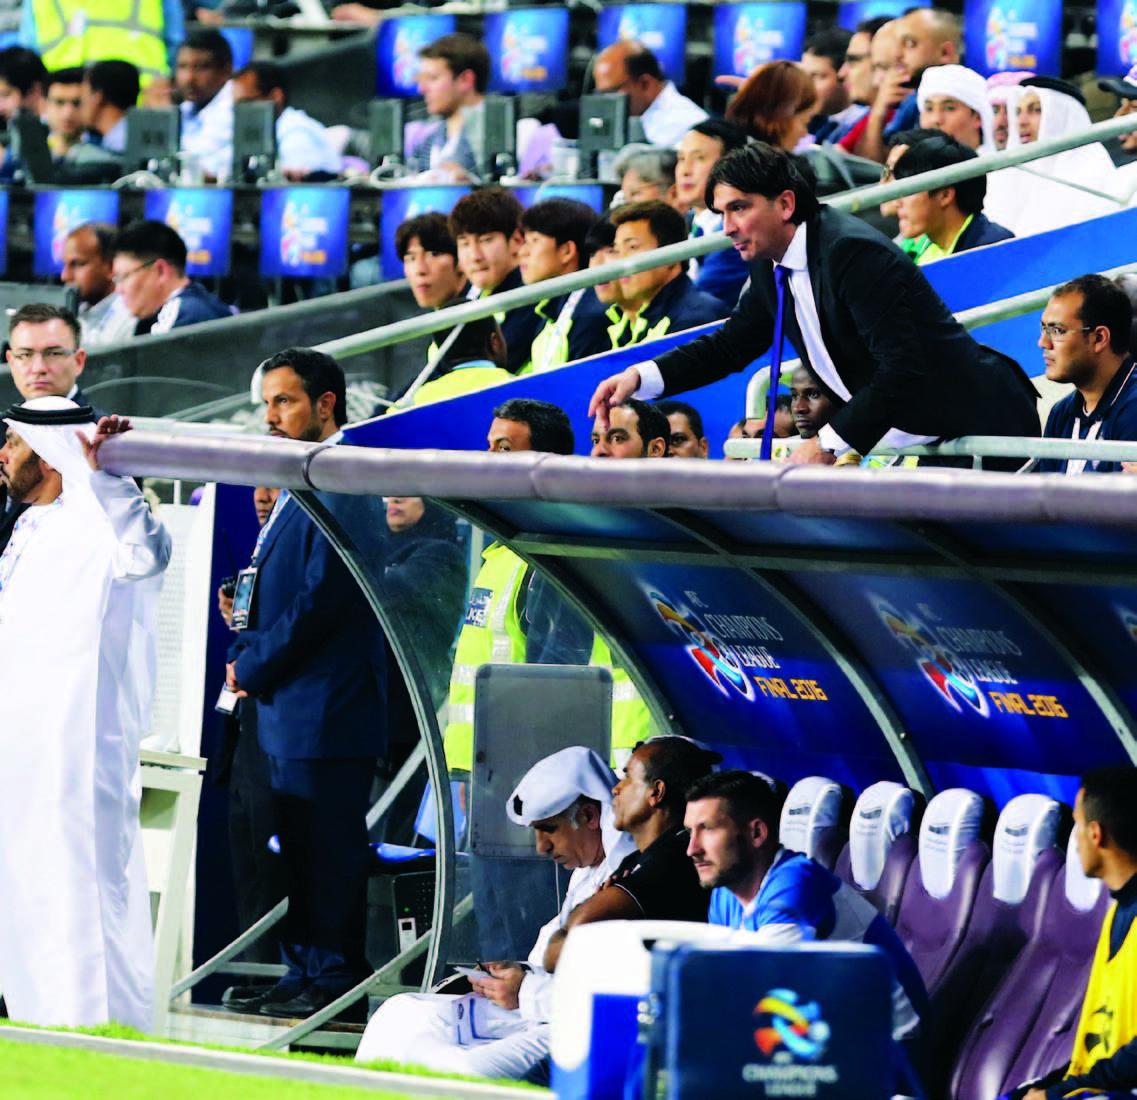 شونبوك هيونداي الكوري بطل دوري أبطـال آسيا  شونبوك هيونداي الكوري بطل دوري أبطـال آسيا  شونبوك هيونداي الكوري بطل دوري أبطـال آسيا  شونبوك هيونداي الكوري بطل دوري أبطـال آسيا